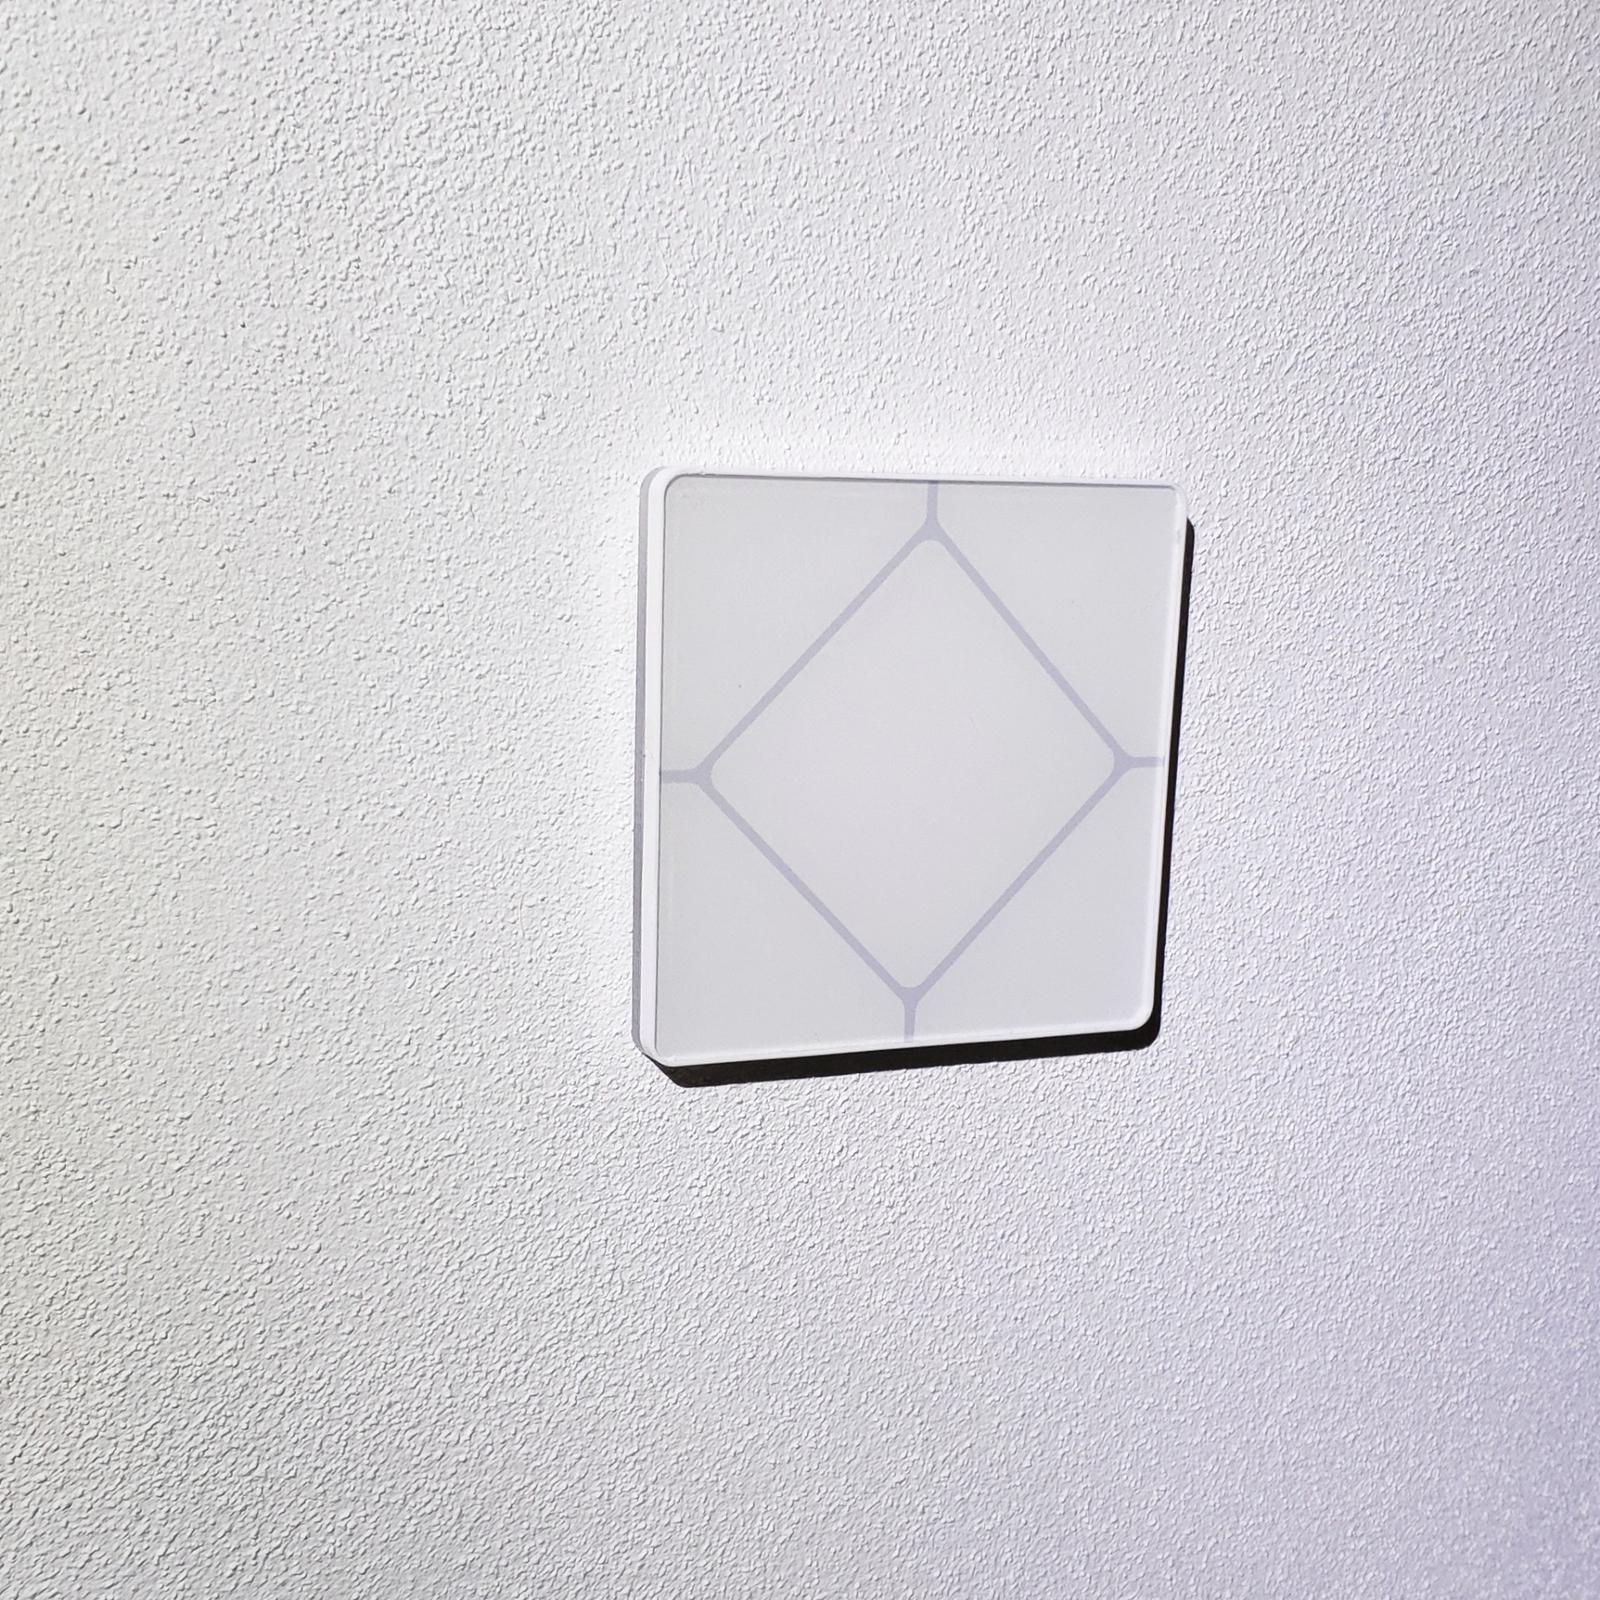 Vypínače a zásuvky do domu - Najčastejšie programovanie - po stranách žalúzie hore a dole, stredný spínač svetelné scény